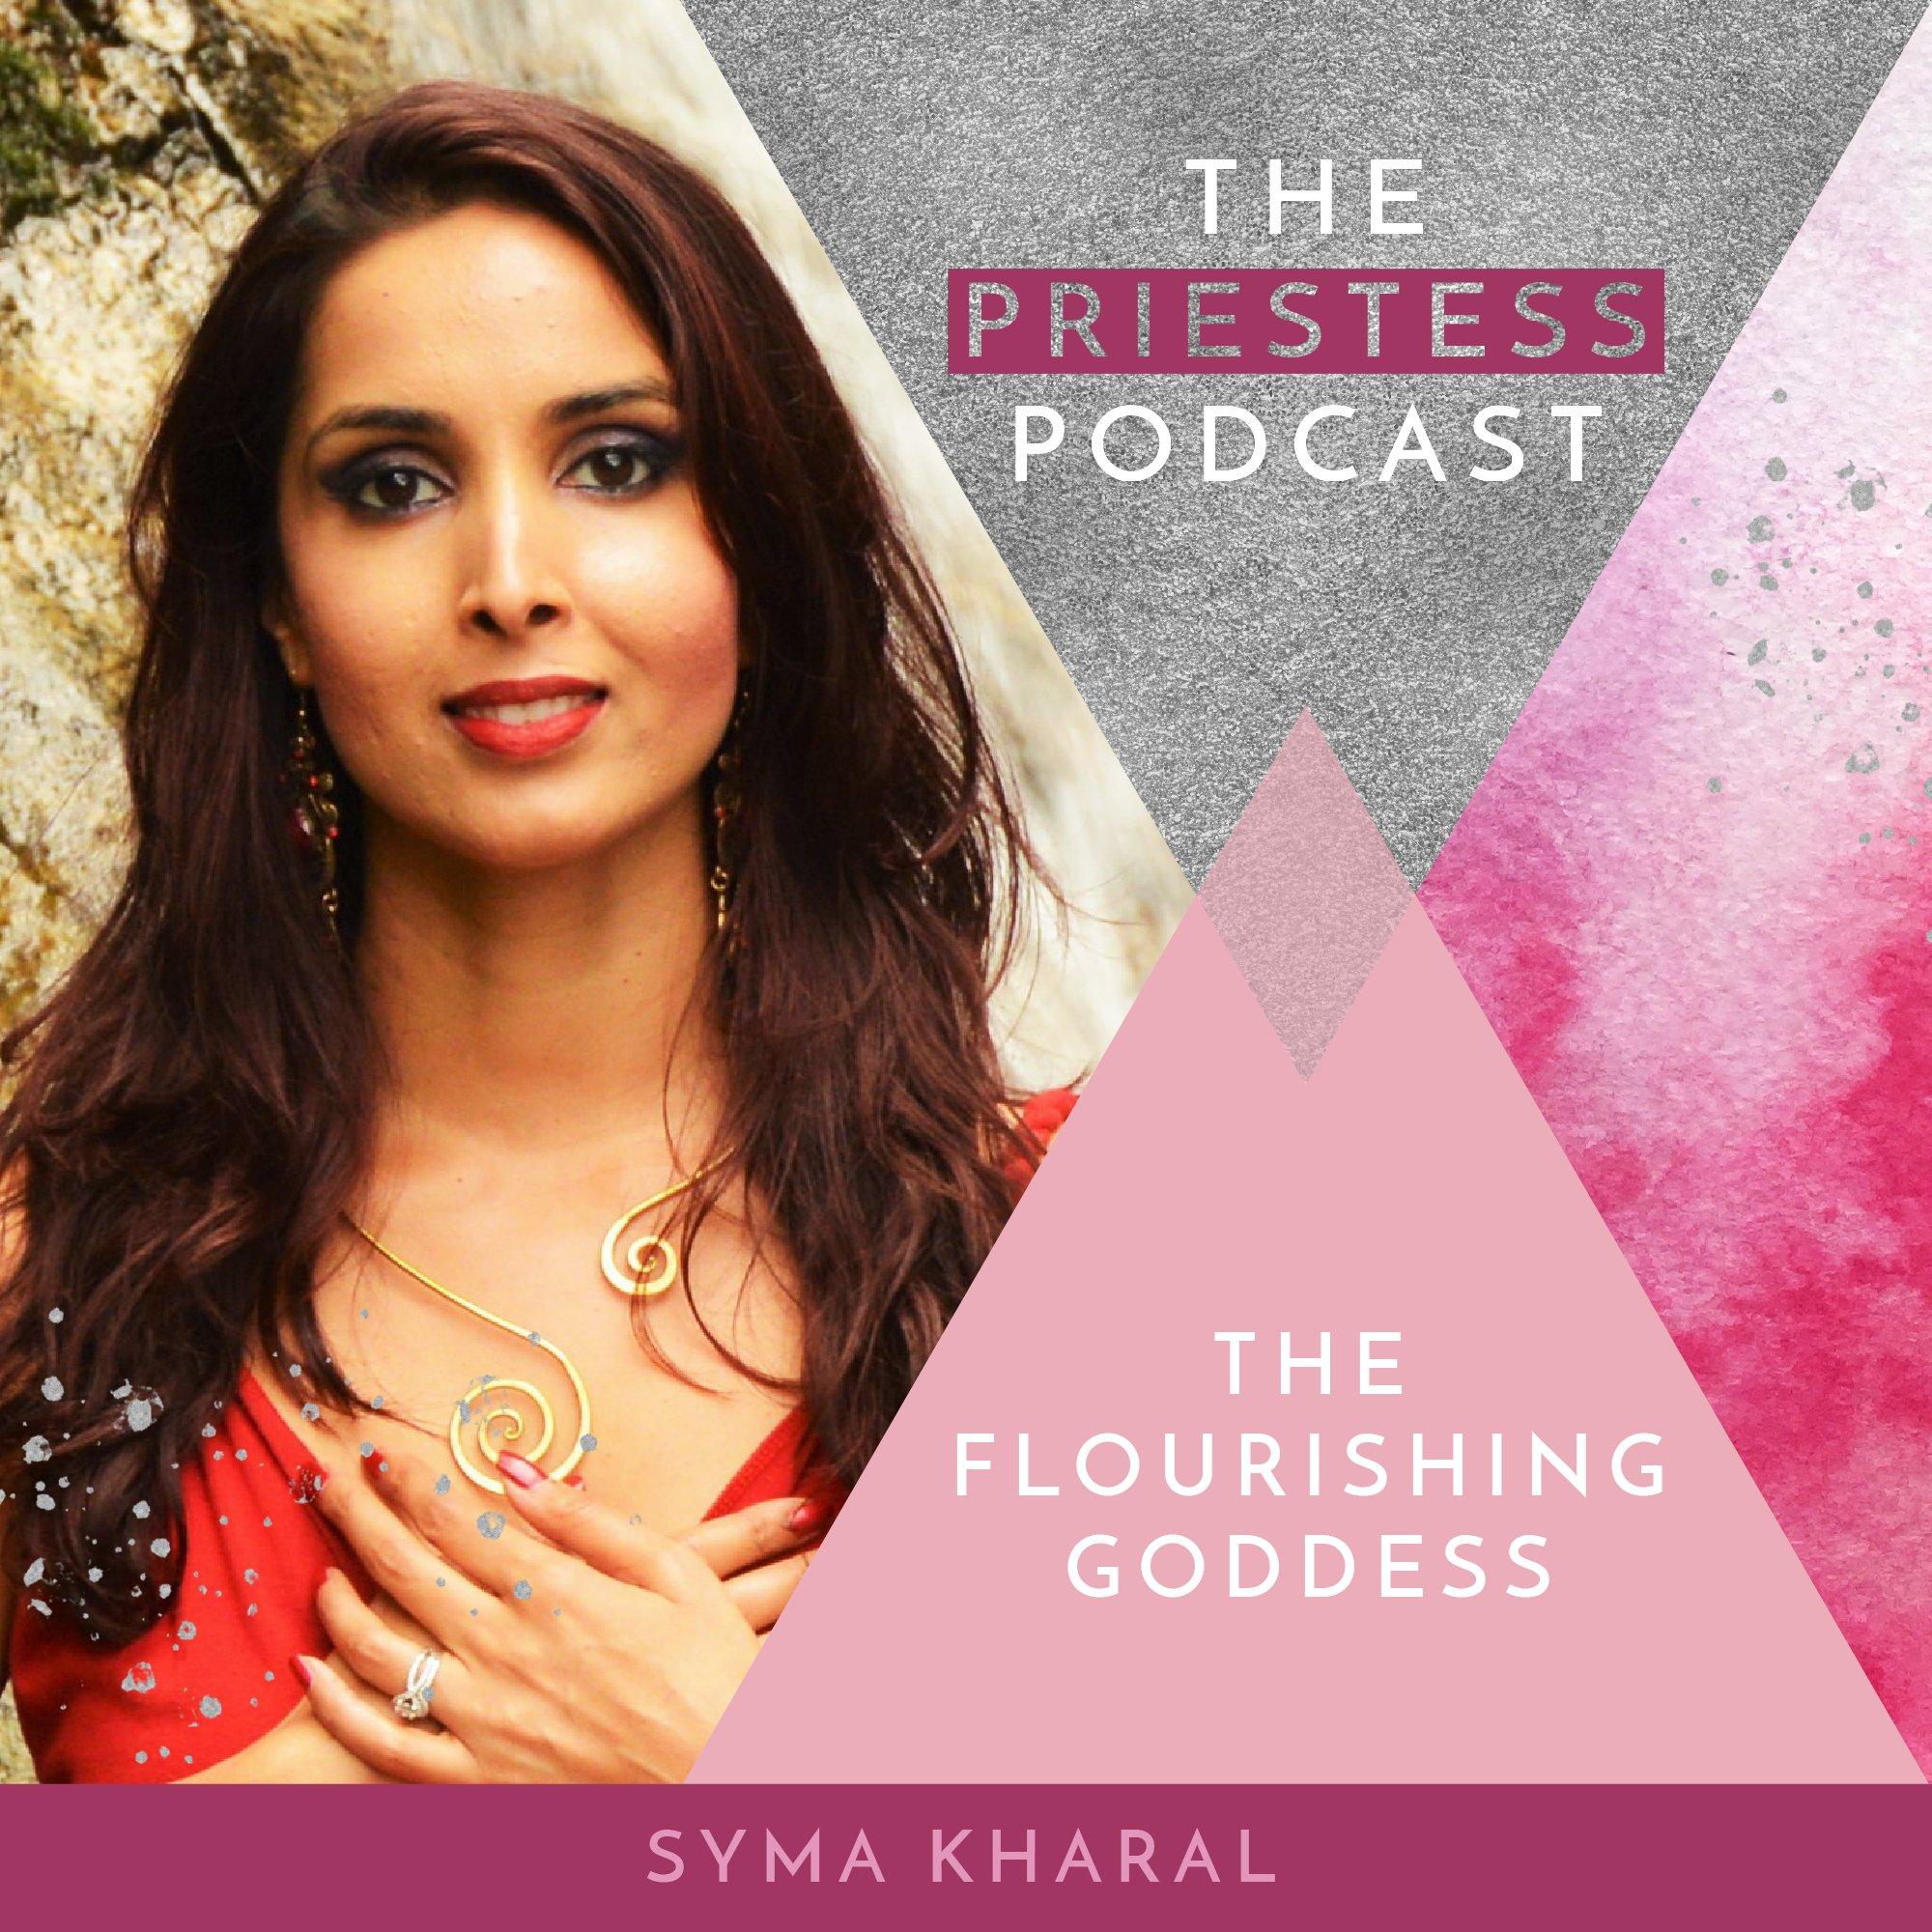 Syma Kharal on The Flourishing Goddess